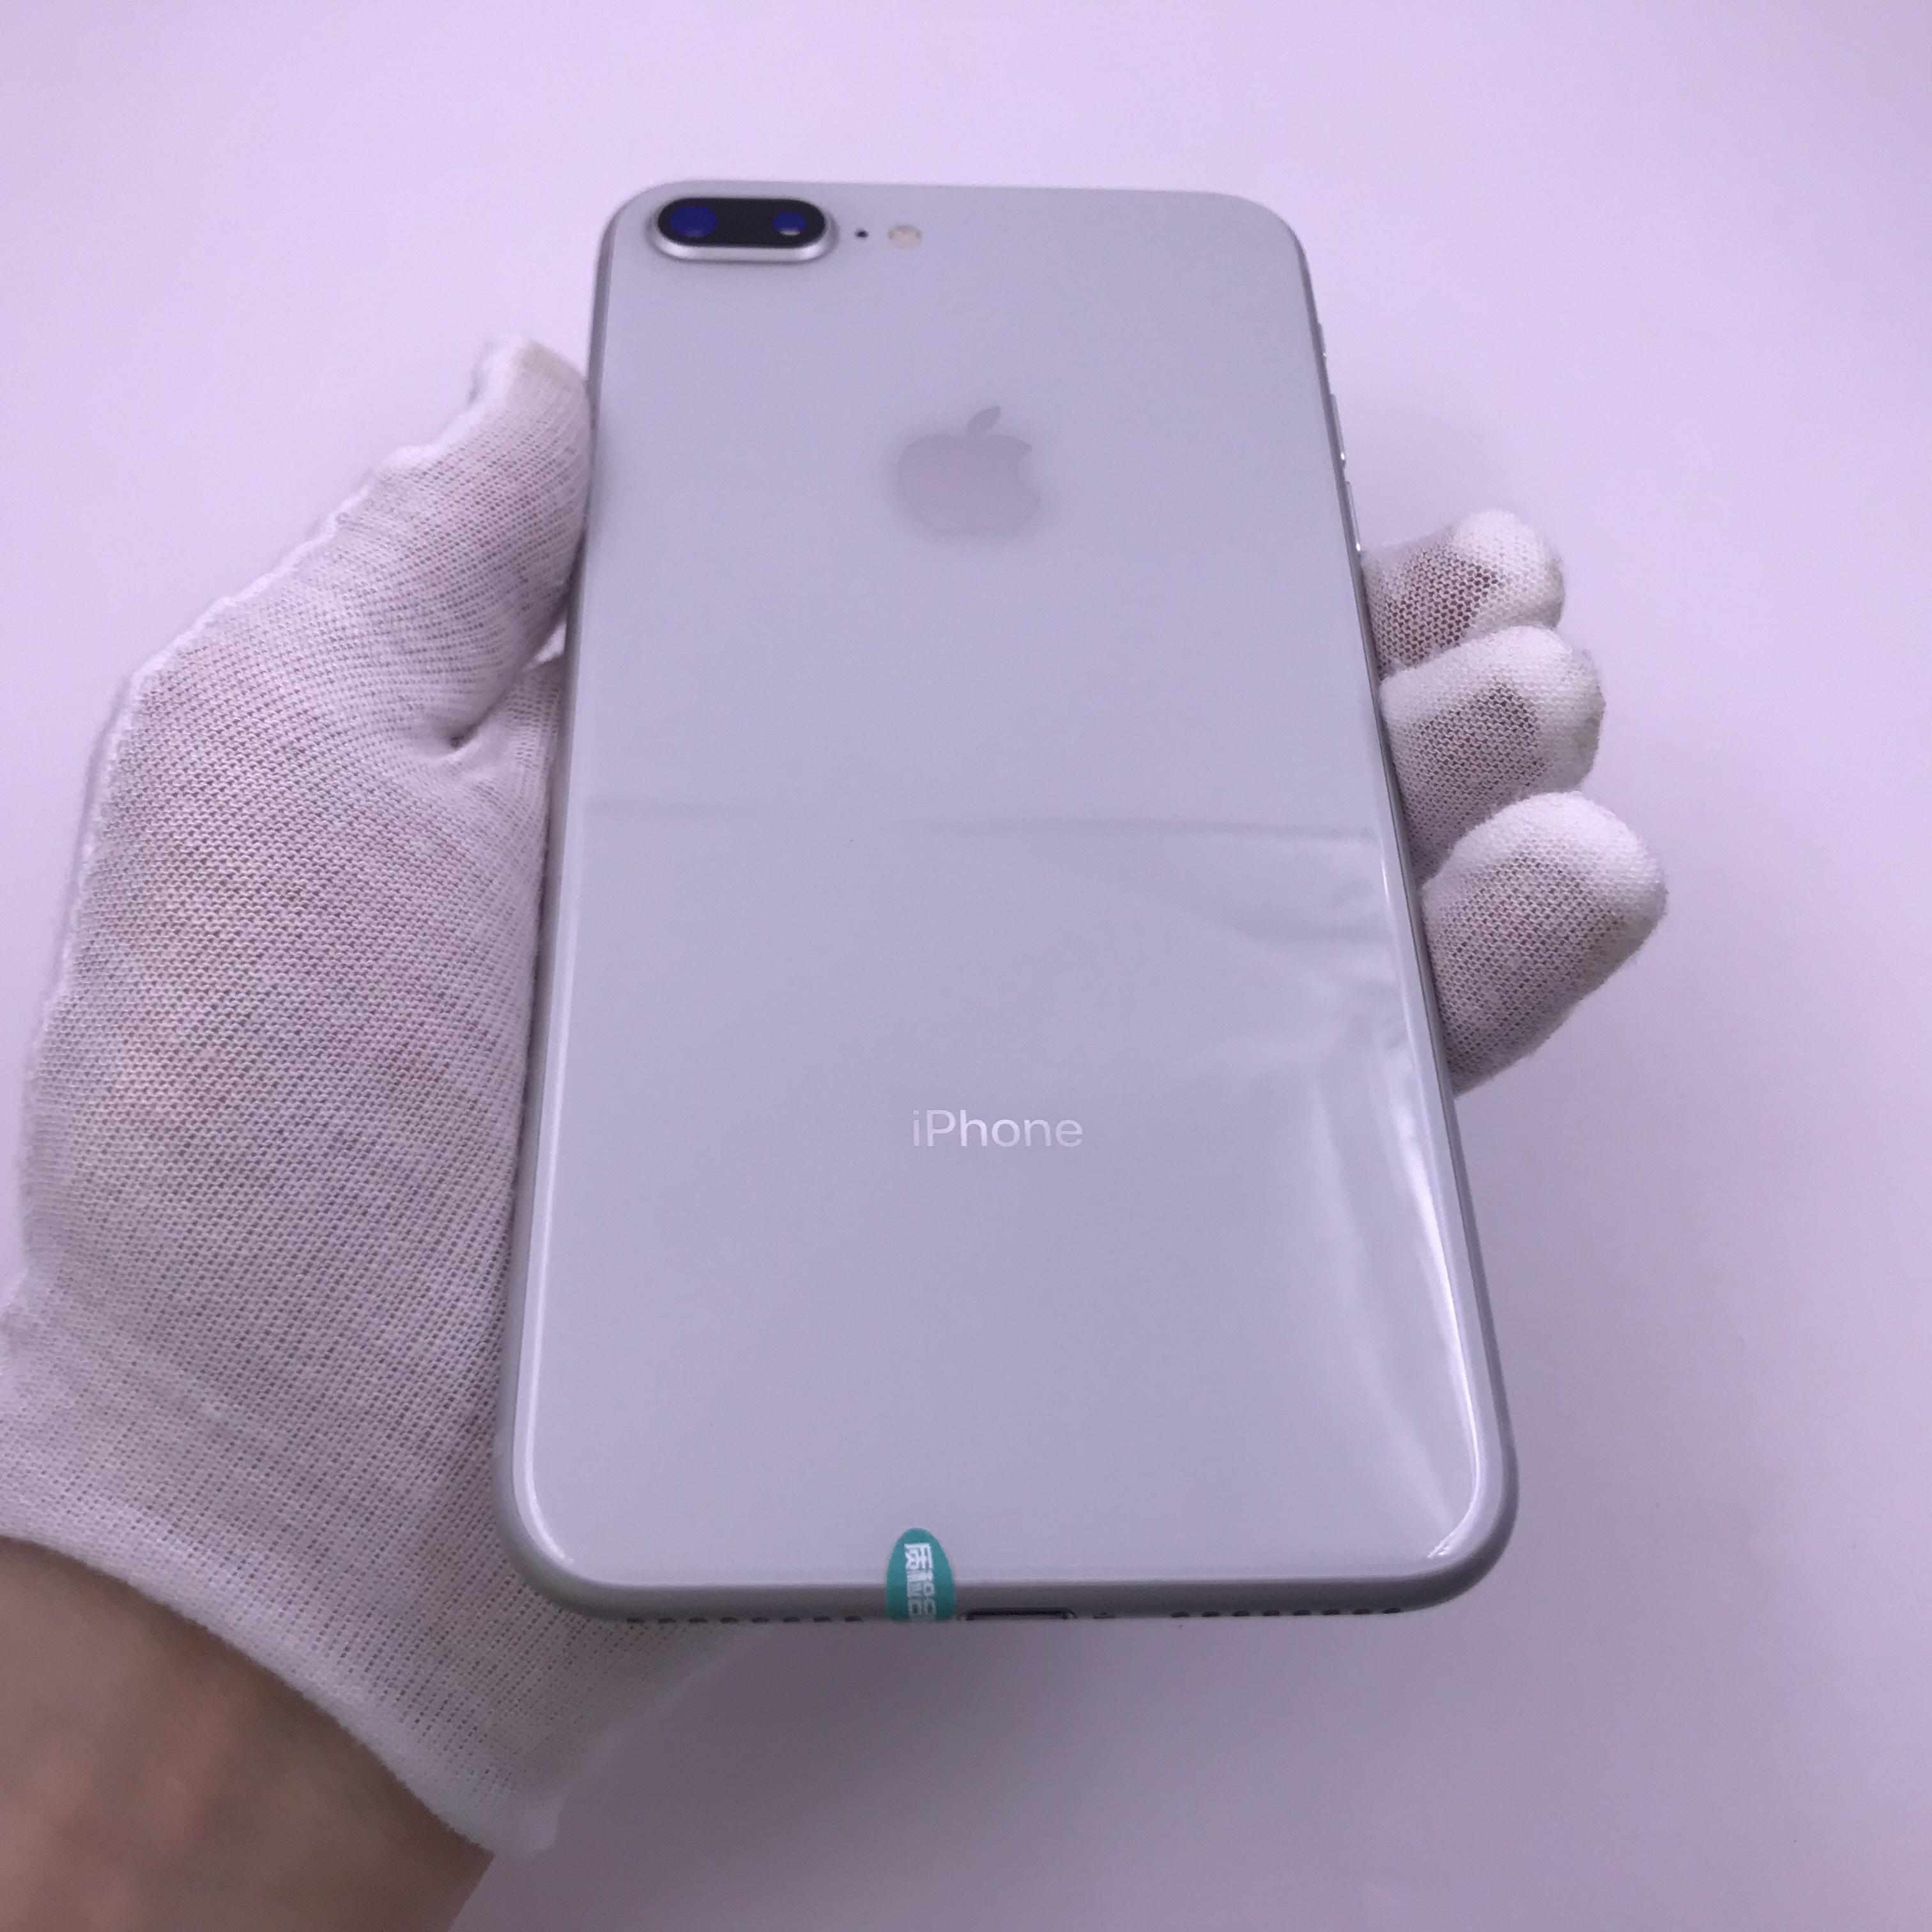 苹果【iPhone 8 Plus】4G全网通 银色 64G 国行 95新